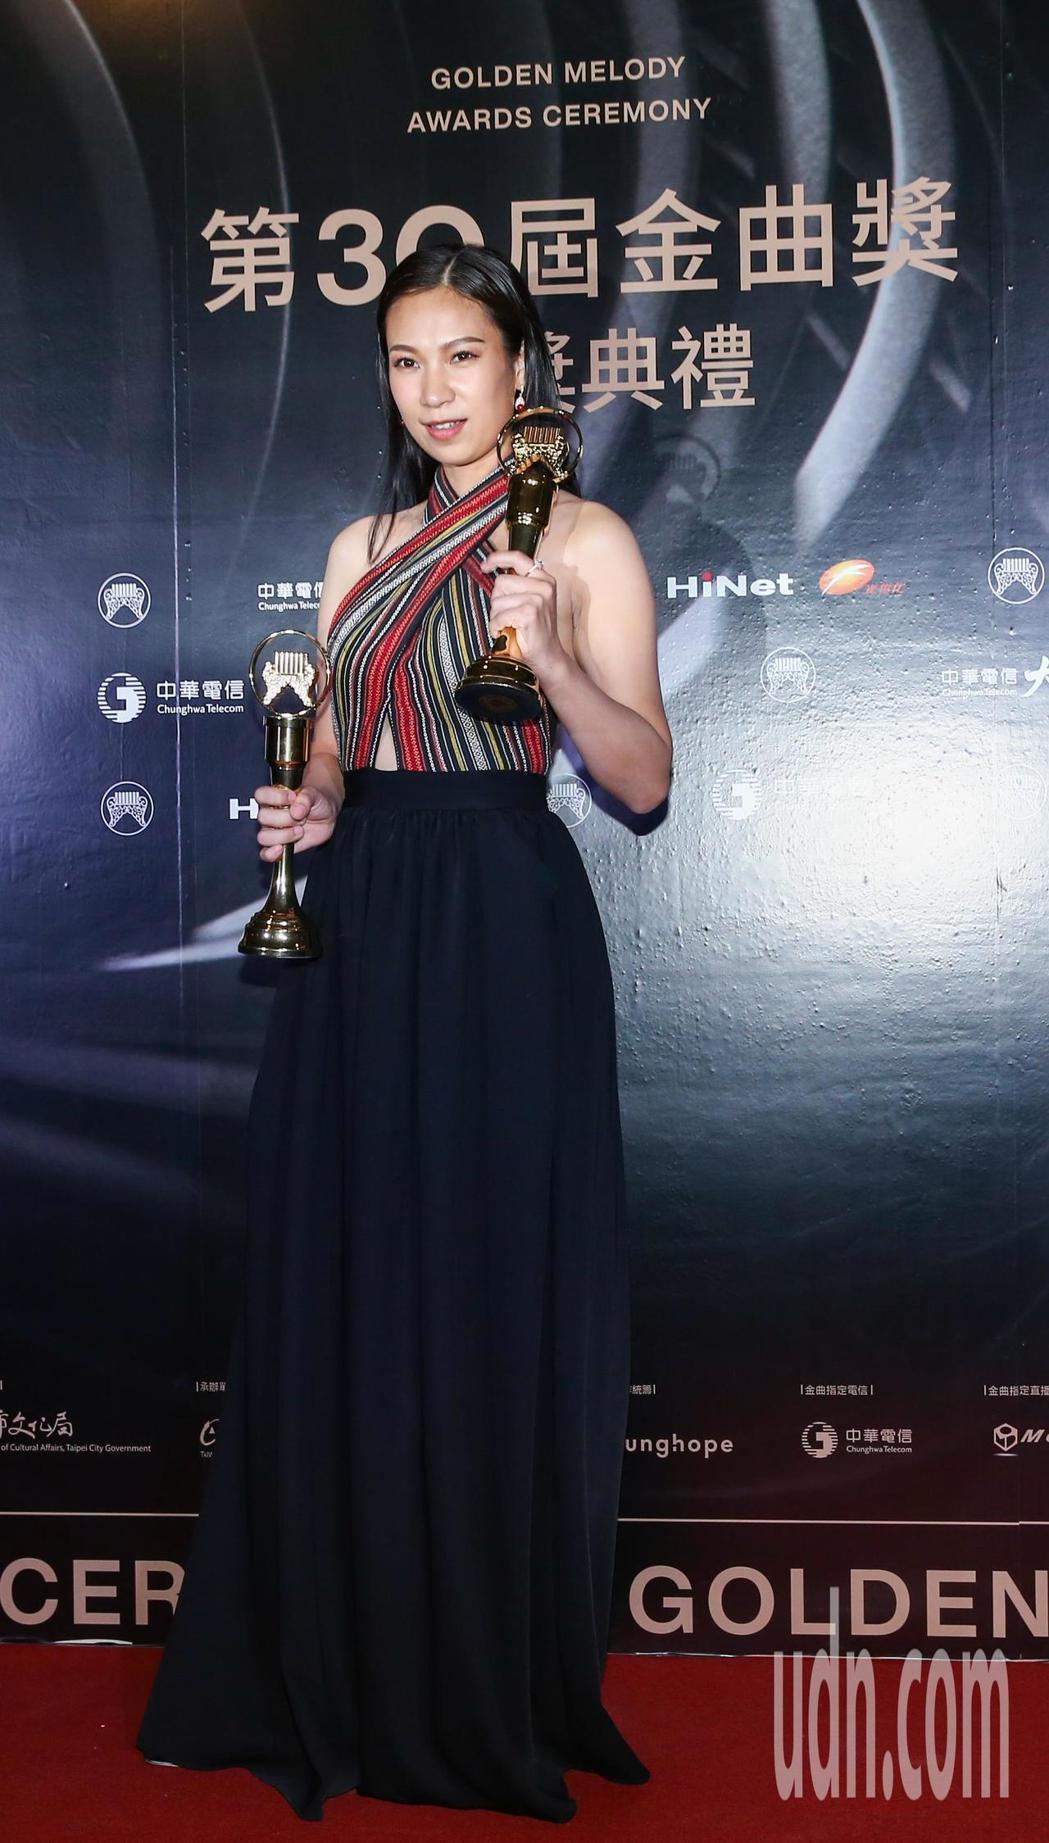 金曲獎最佳原住民歌手獎得主雅維·茉芮。記者曾原信/攝影